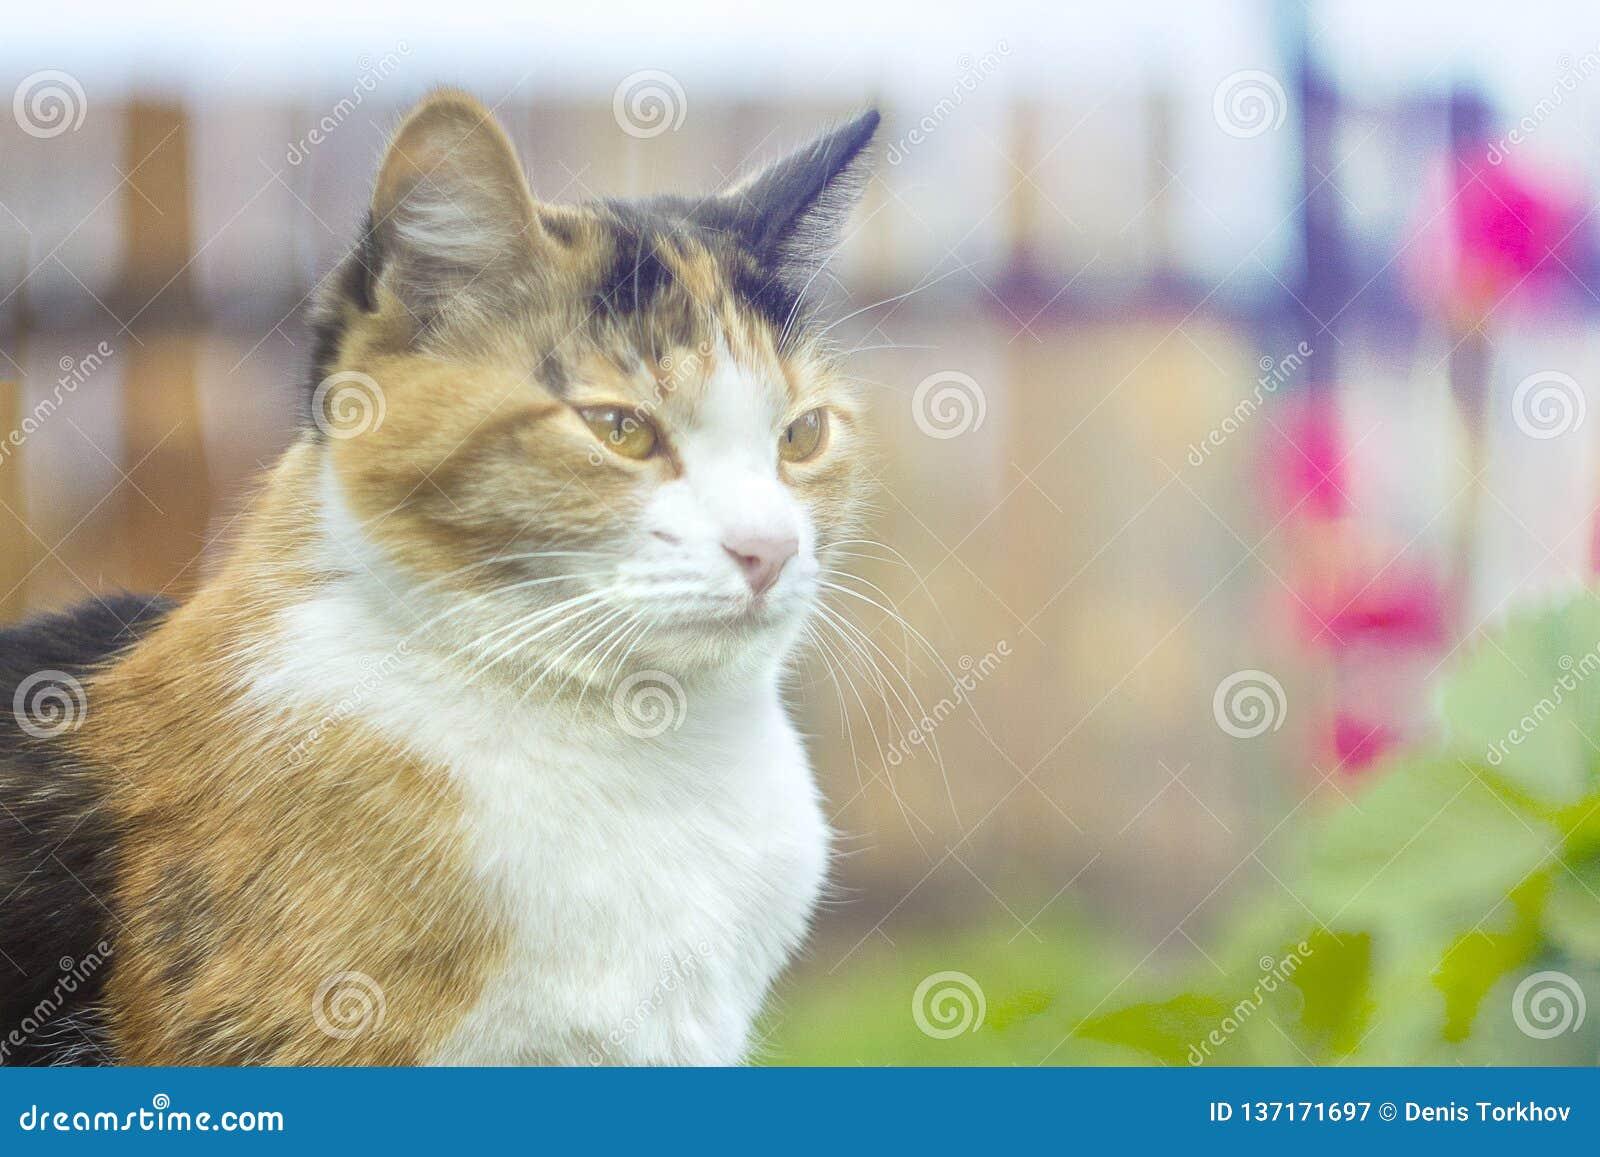 Kat op een achtergrond van bloemen met bokeheffect, bij zonsondergang